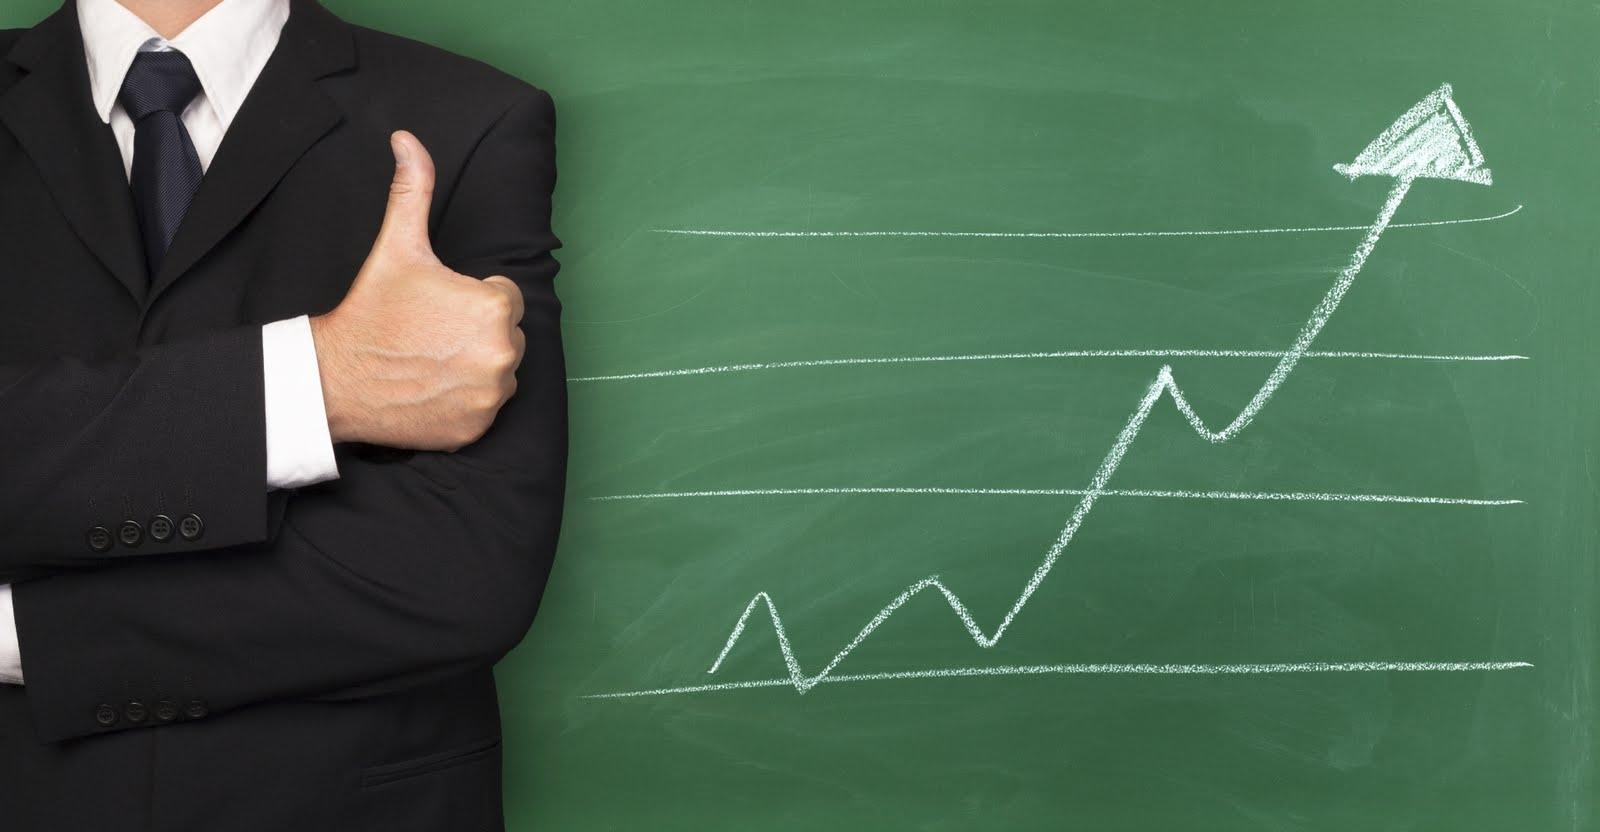 Grau de investimento: de quem é o mérito